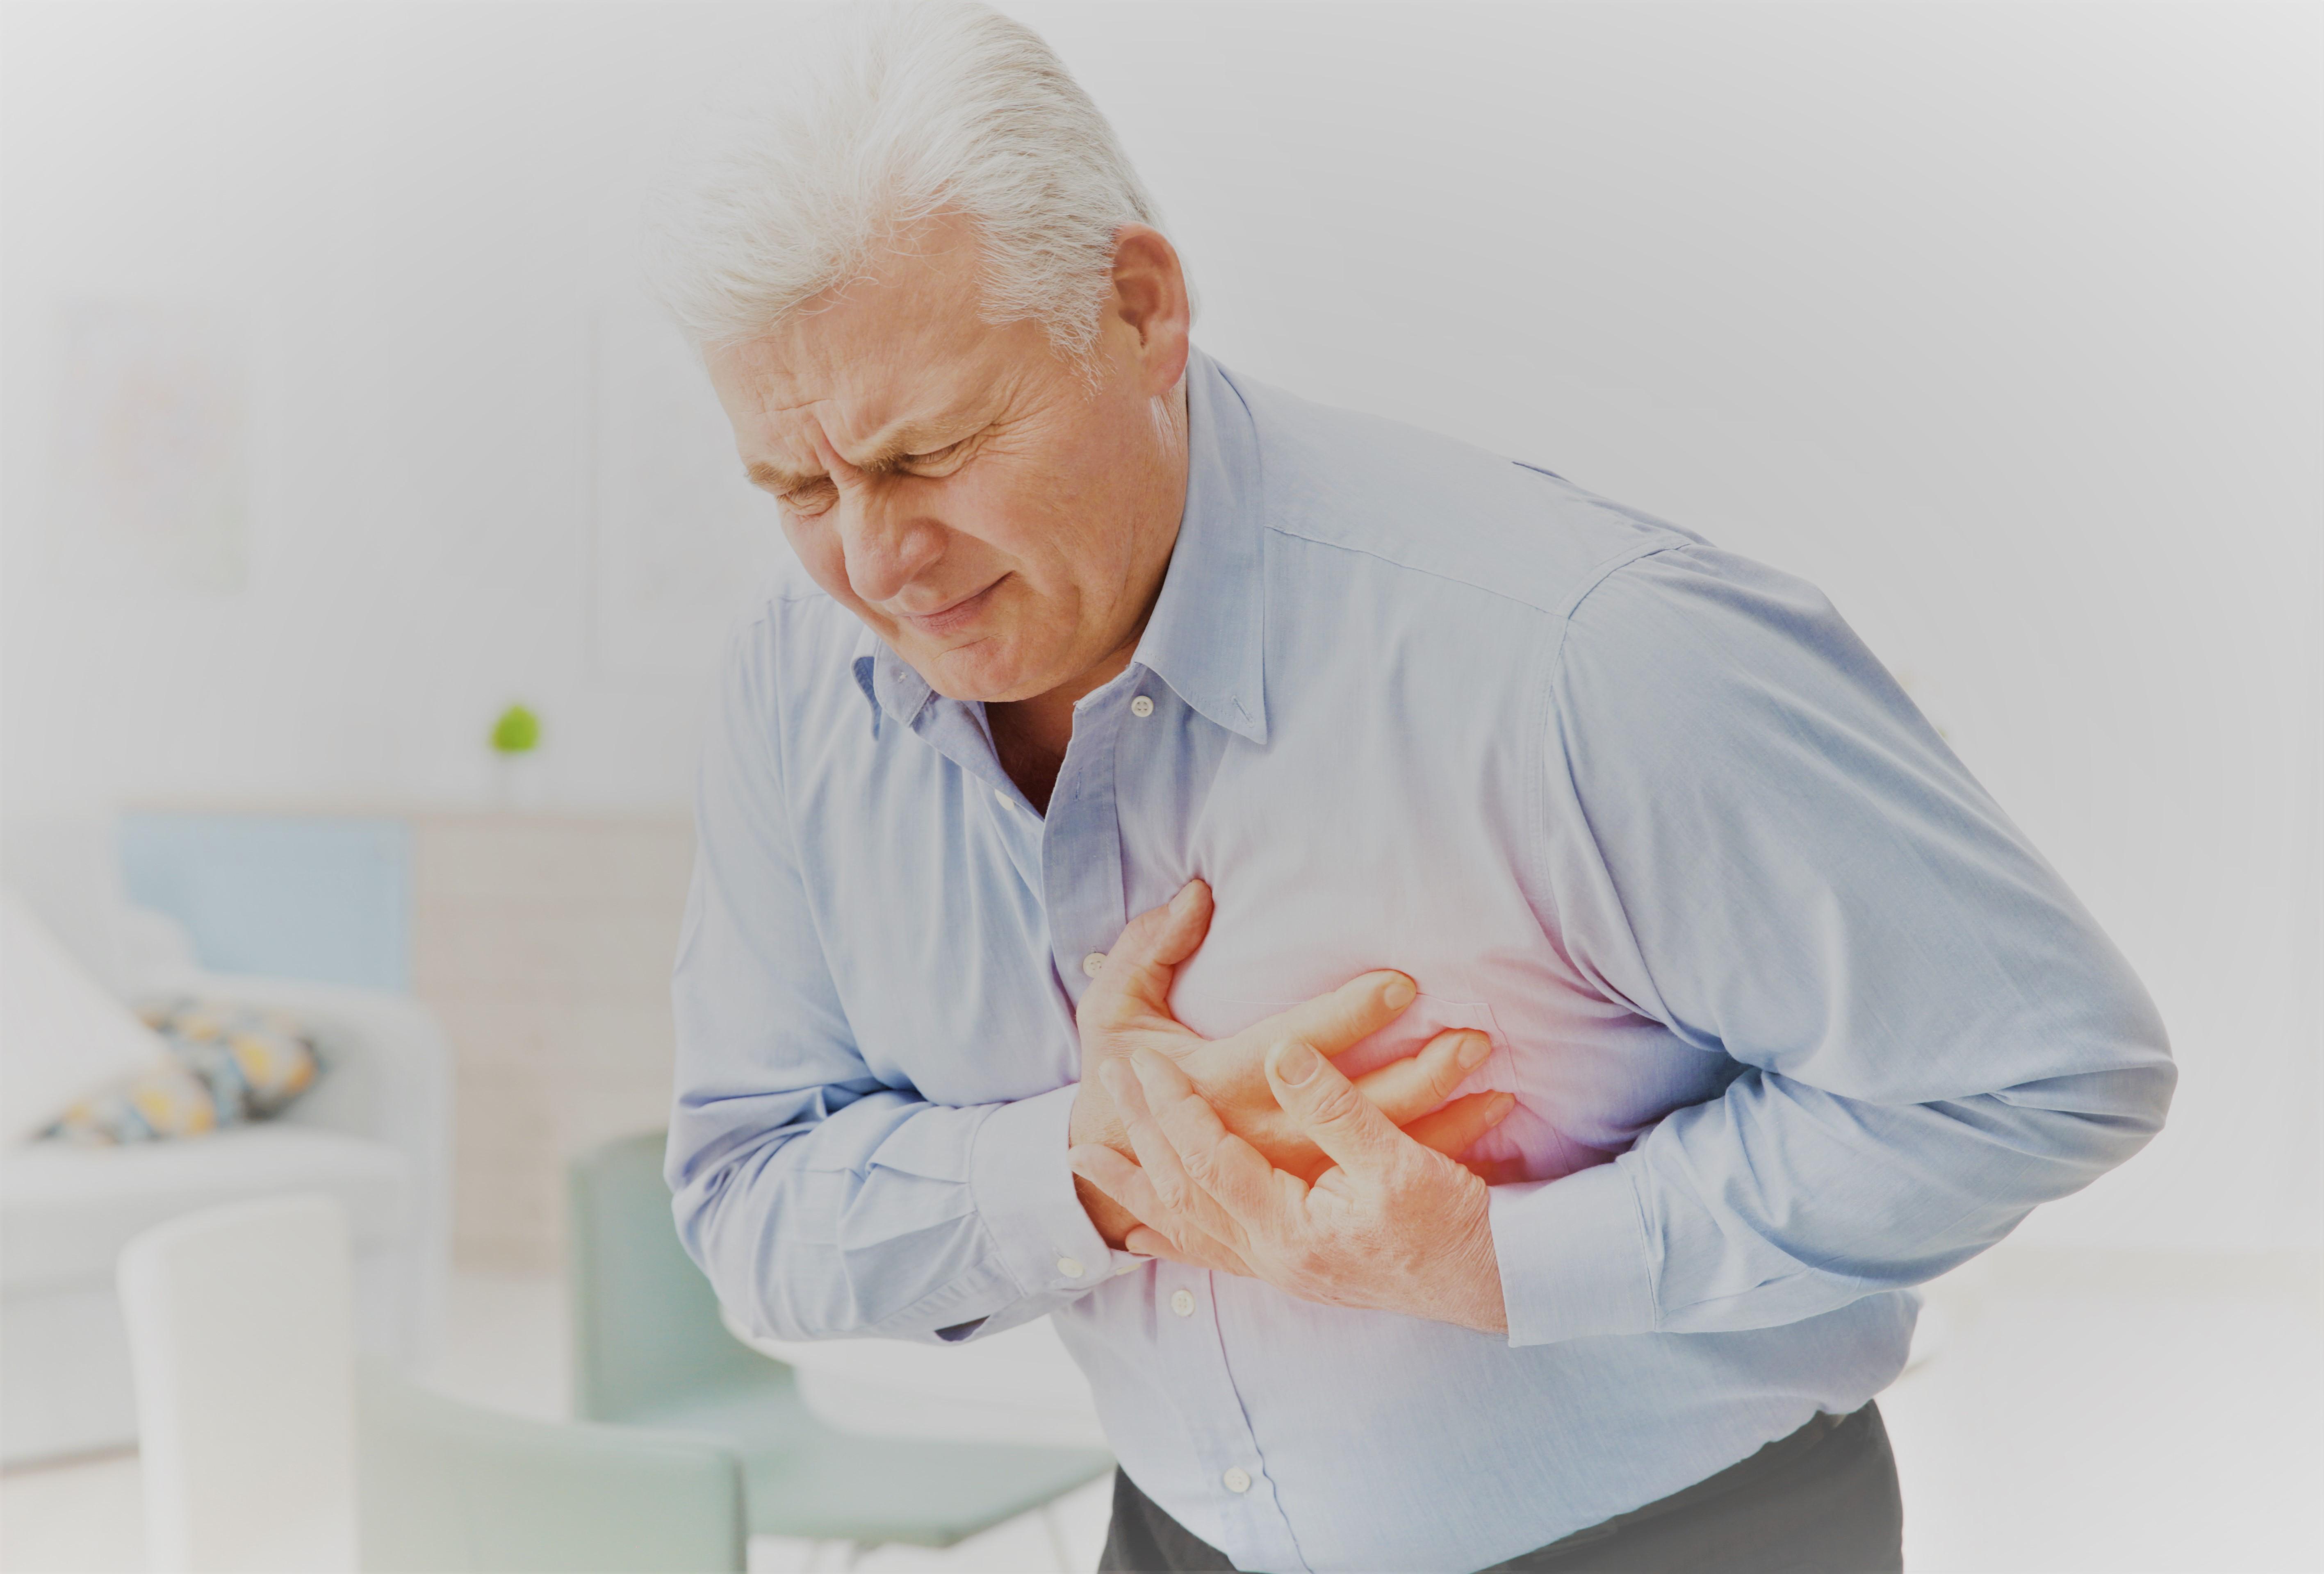 súlyos magas vérnyomás kezelés mogyoró magas vérnyomásból